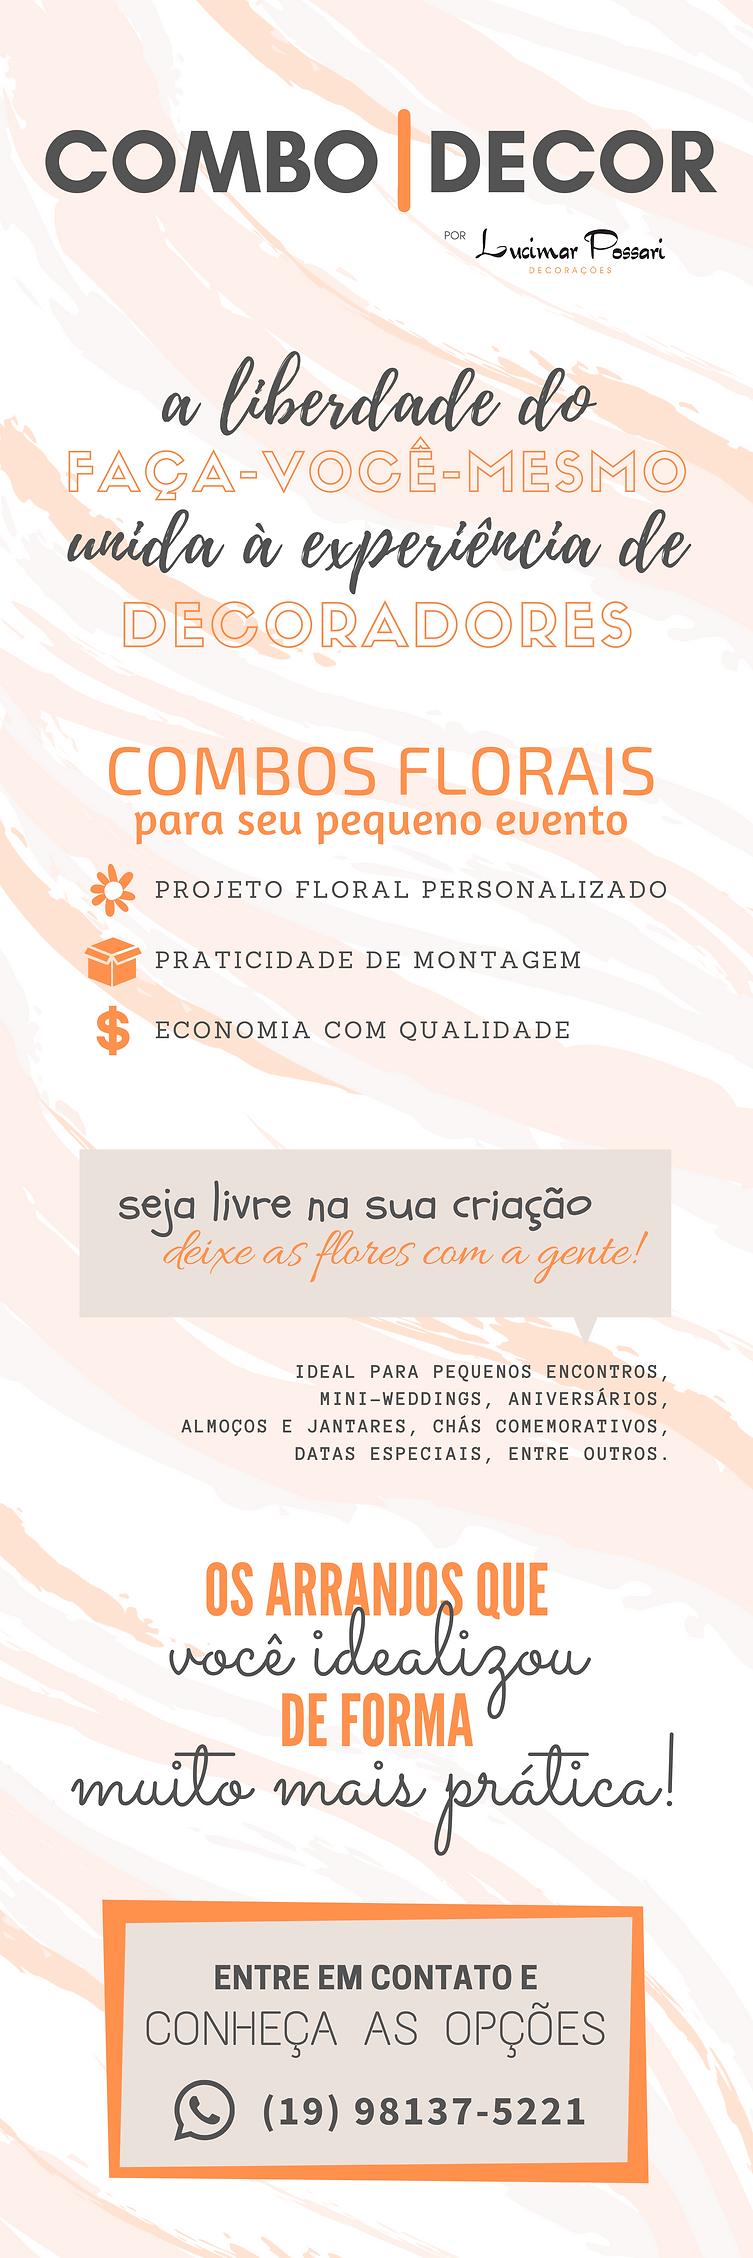 COMBO|DECOR | flores sob demanda para pequenos eventos e consultoria em decoração | Lucimar Possari Decorações